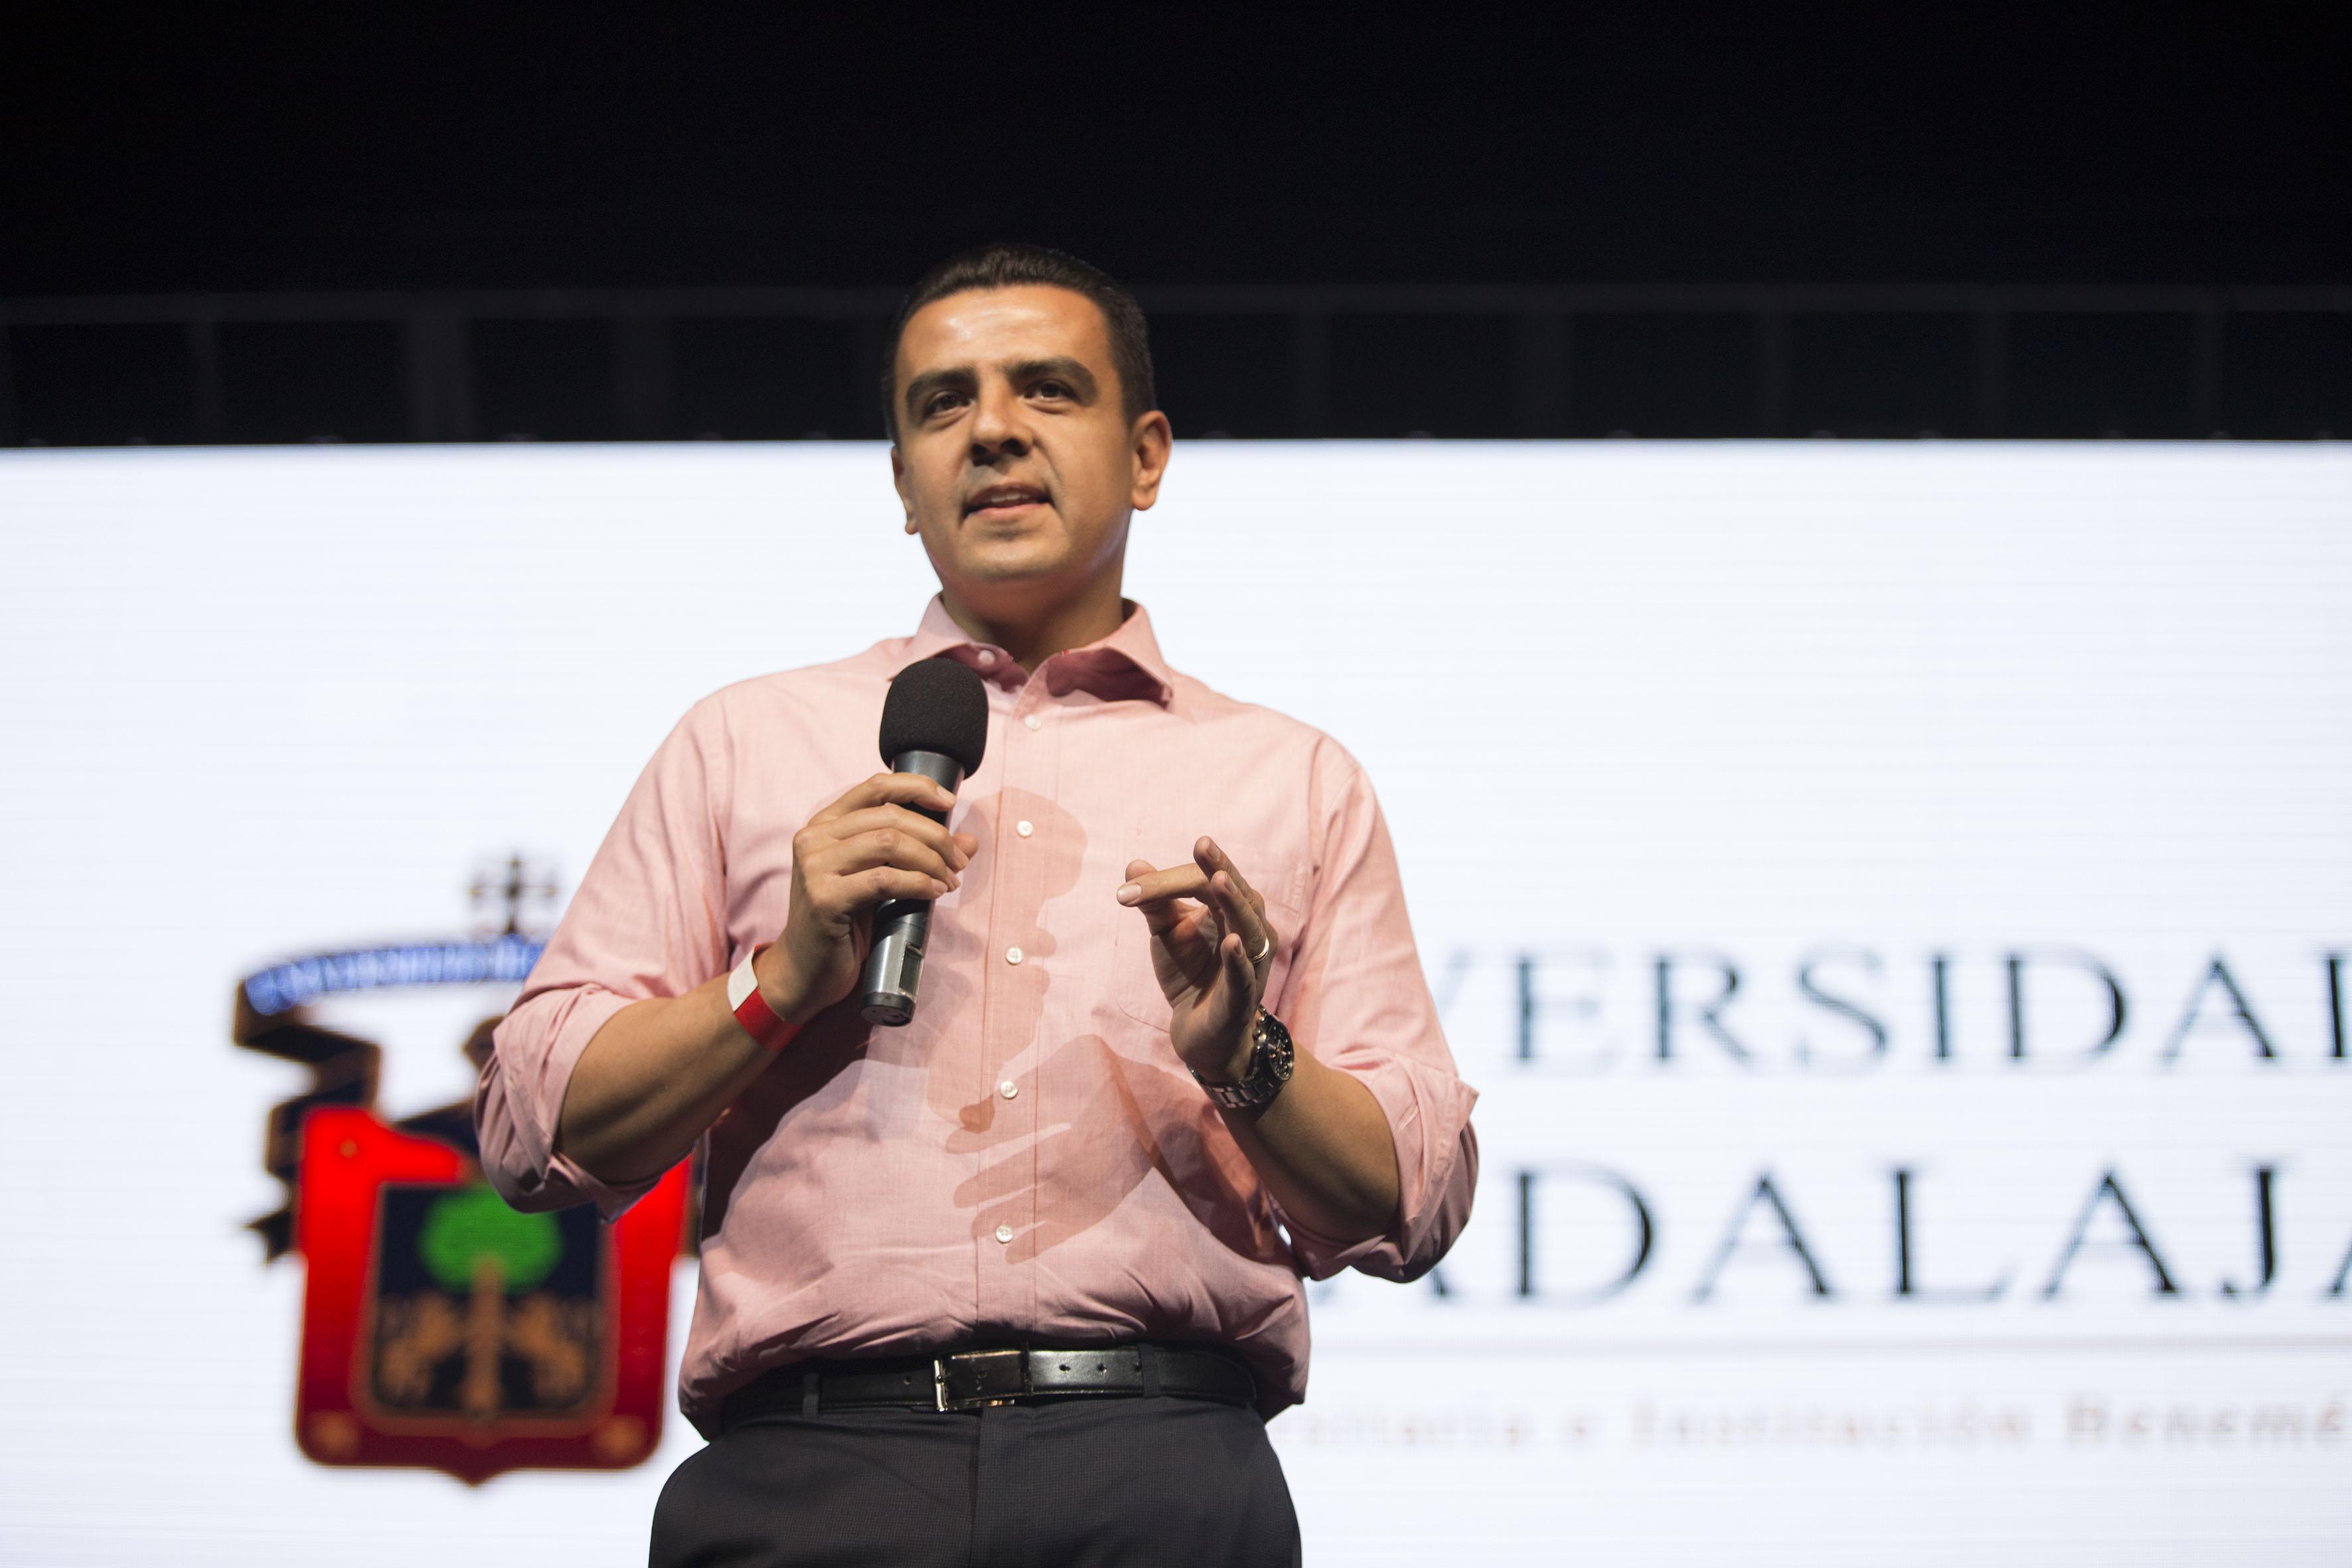 El doctor Luis Alberto Gutiérrez Díaz de León, haciendo uso de la palabra